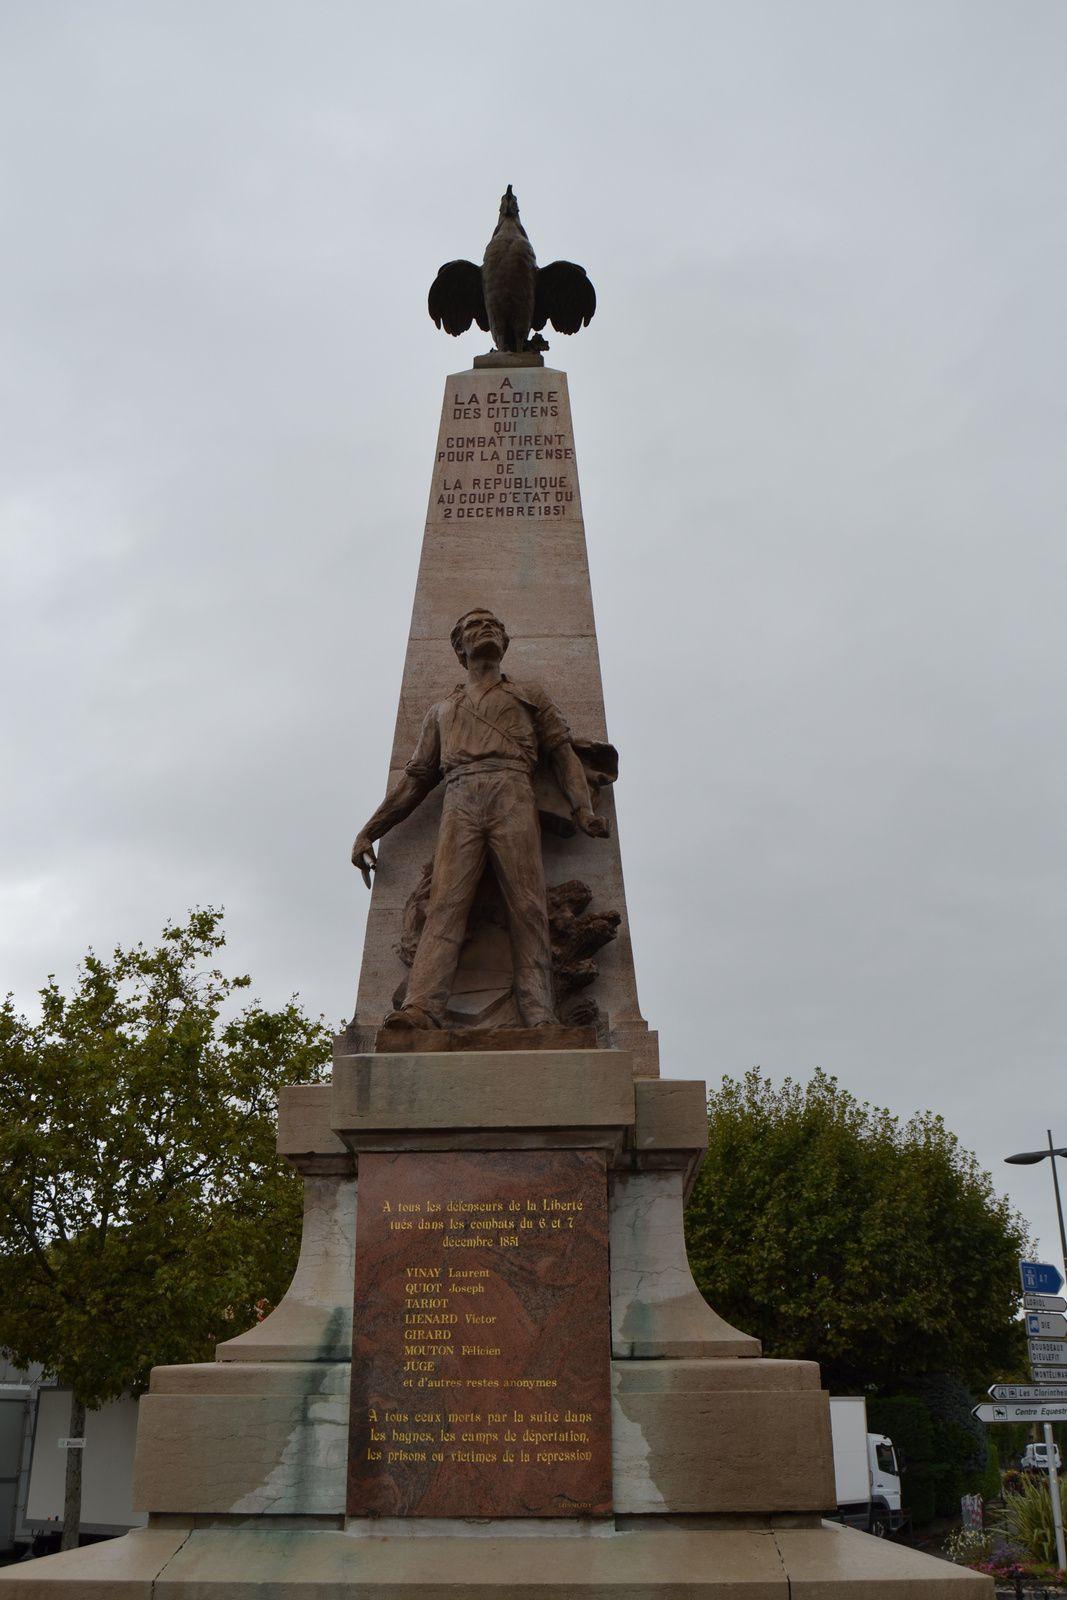 Adossé à un pylône de pierre au sommet duquel claironne fièrement un coq, la statue en bronze représente un jeune paysan, son fusil à la main, bravant du regard la tour qui lui fait face.